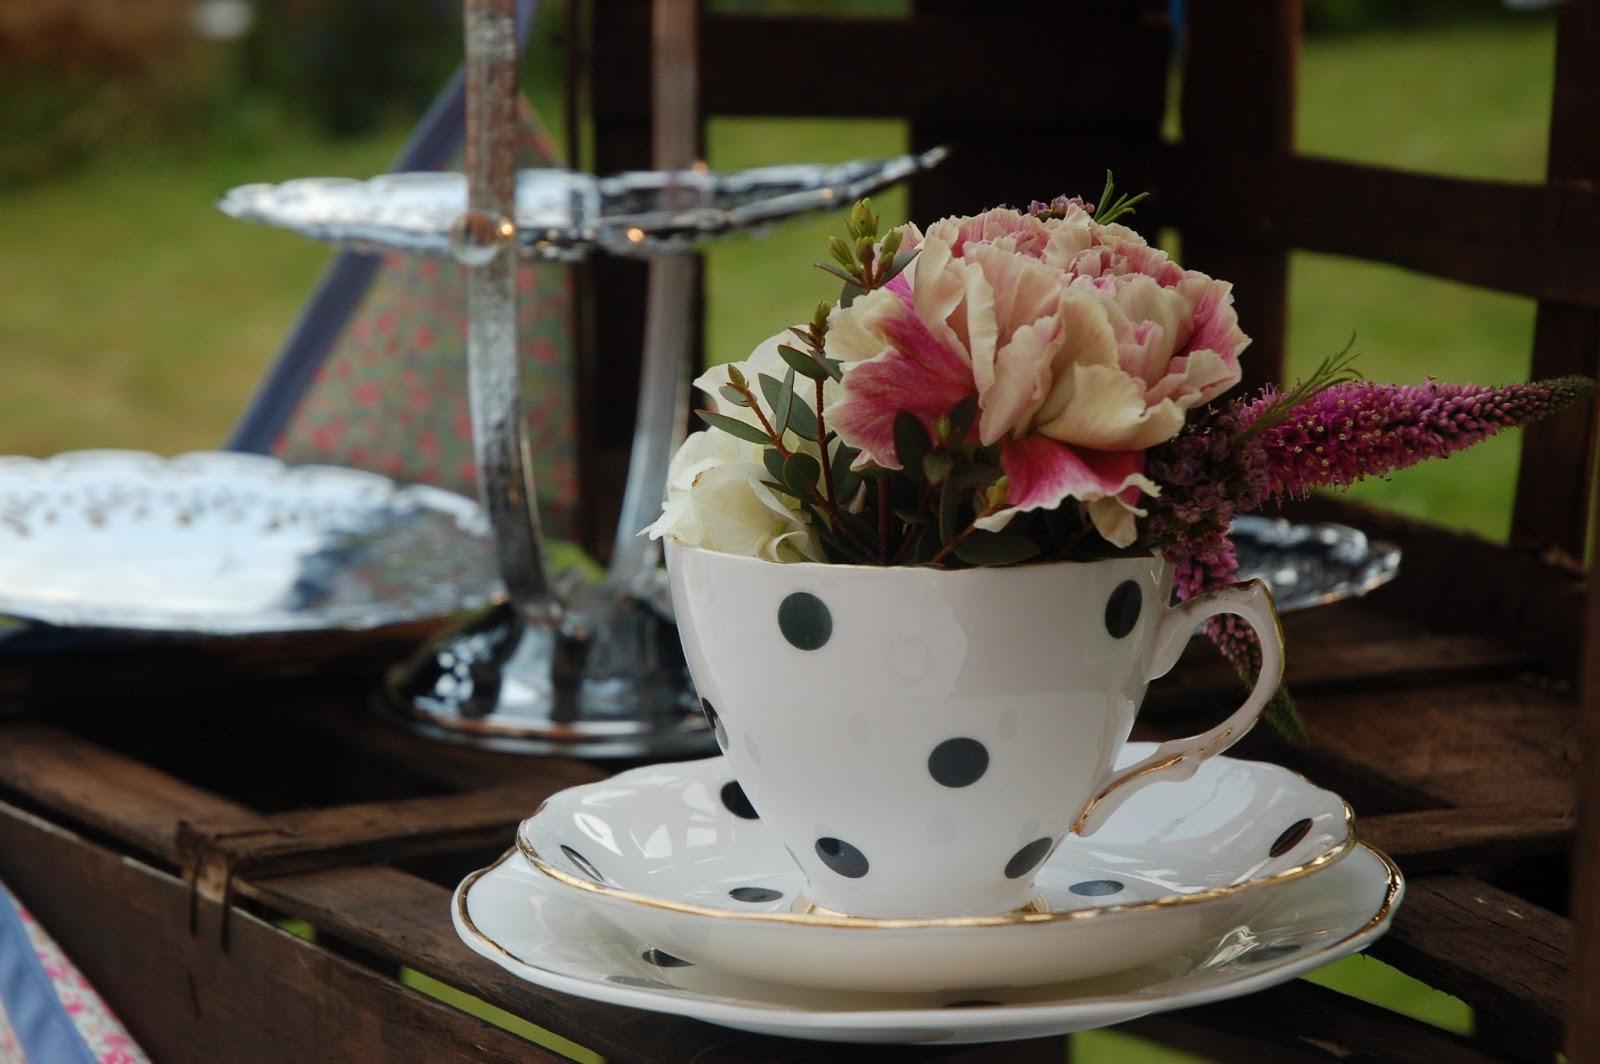 Decoraci n con tazas vintage - Decoracion de tazas ...